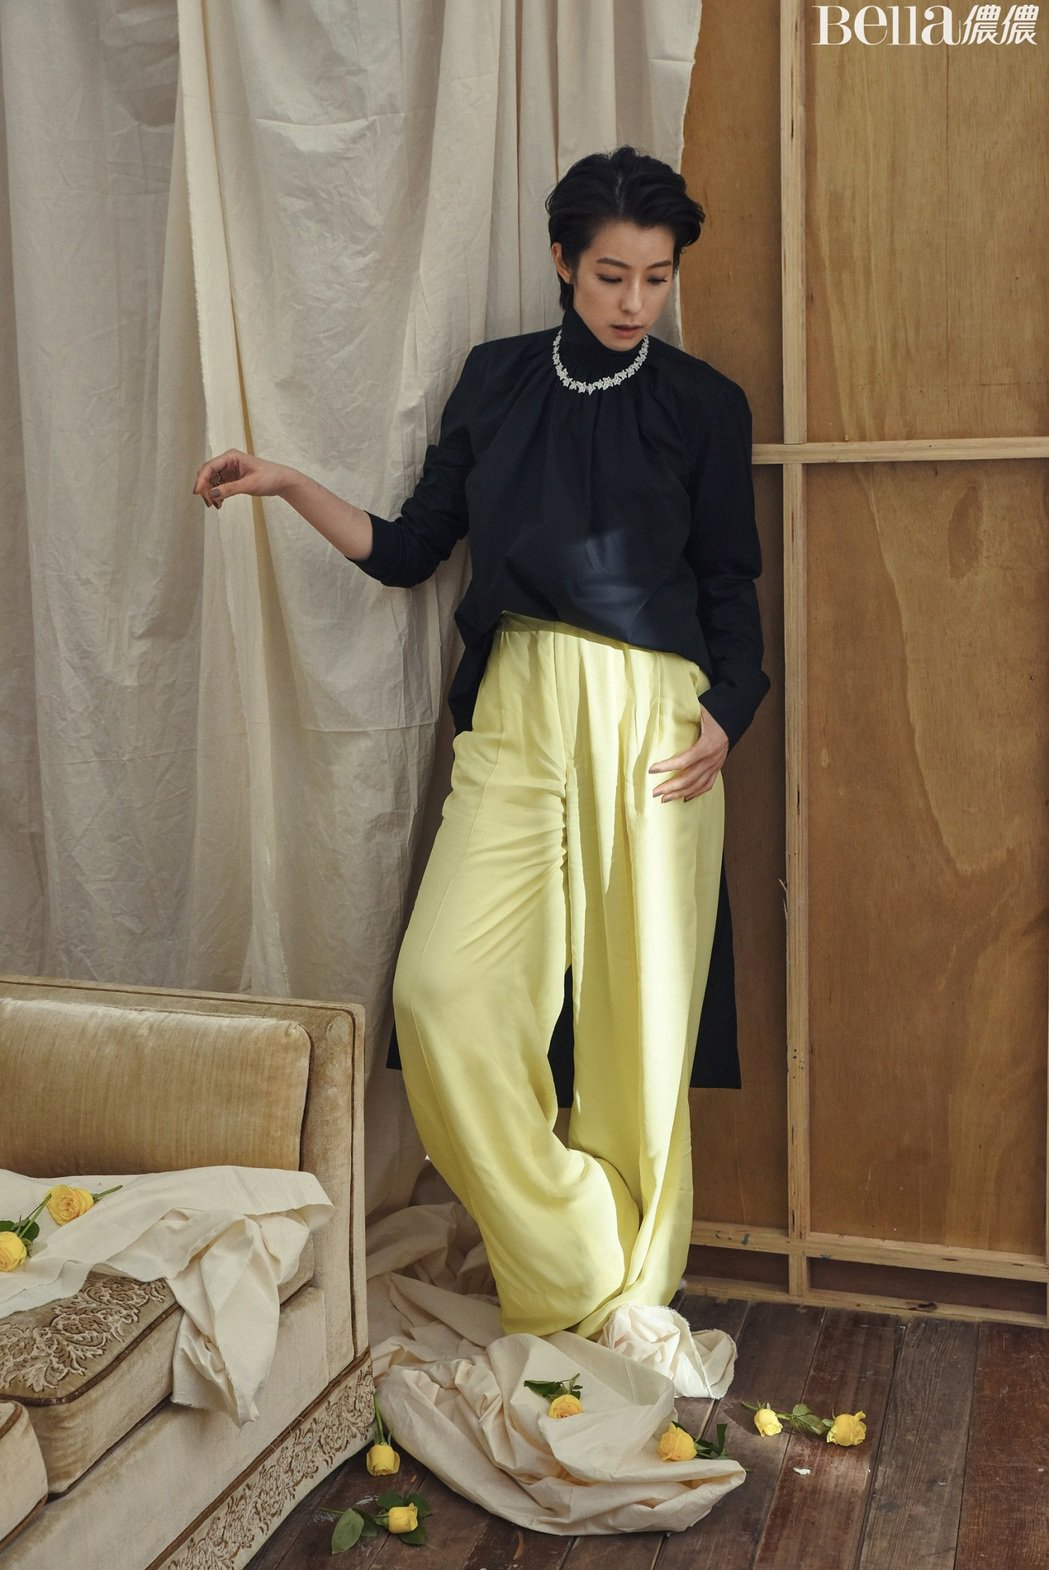 賴雅妍接受時尚雜誌訪問。圖/Bella儂儂提供